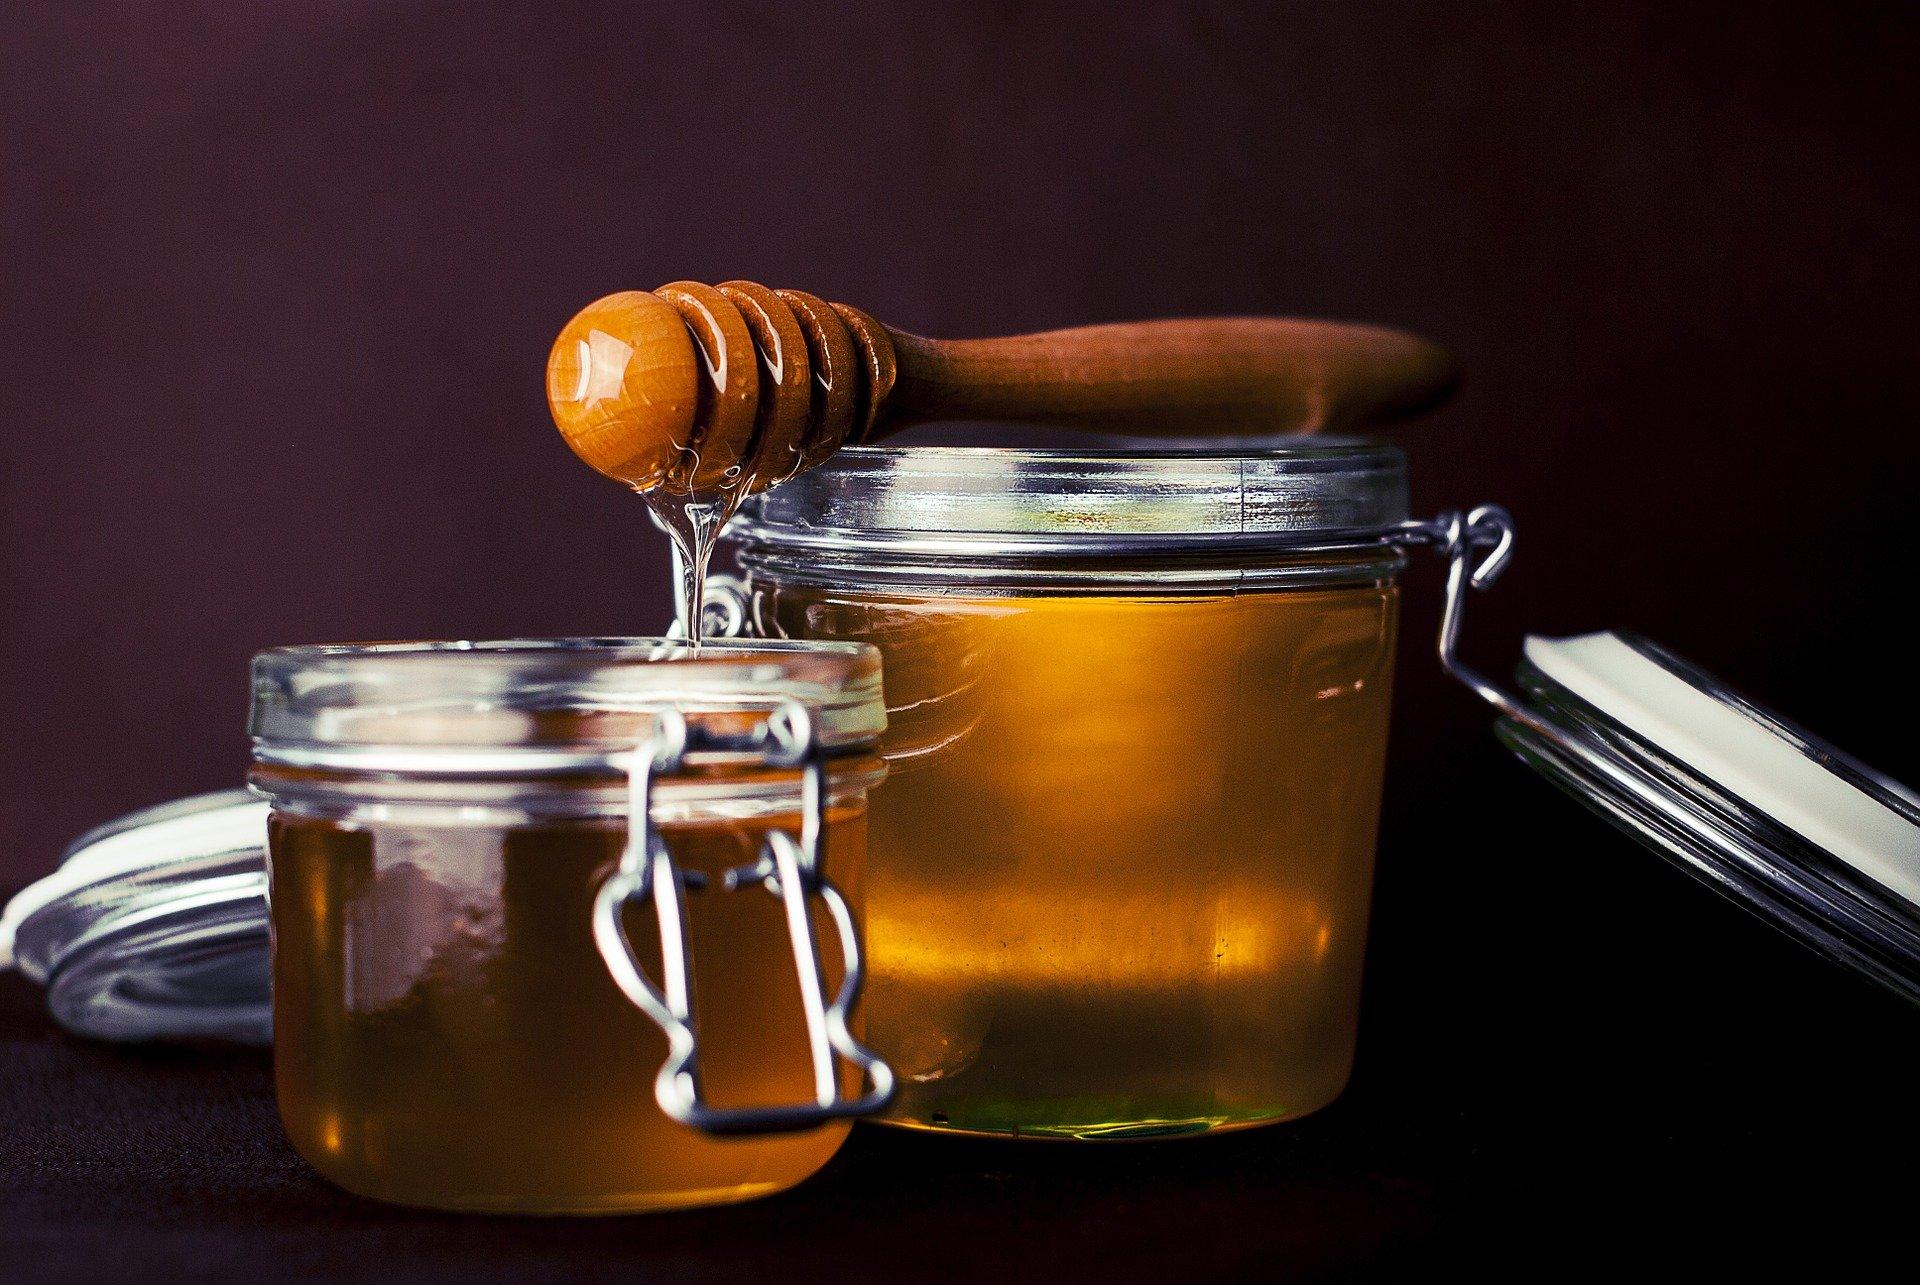 Медики перечислили четыре полезных свойства меда для здоровья